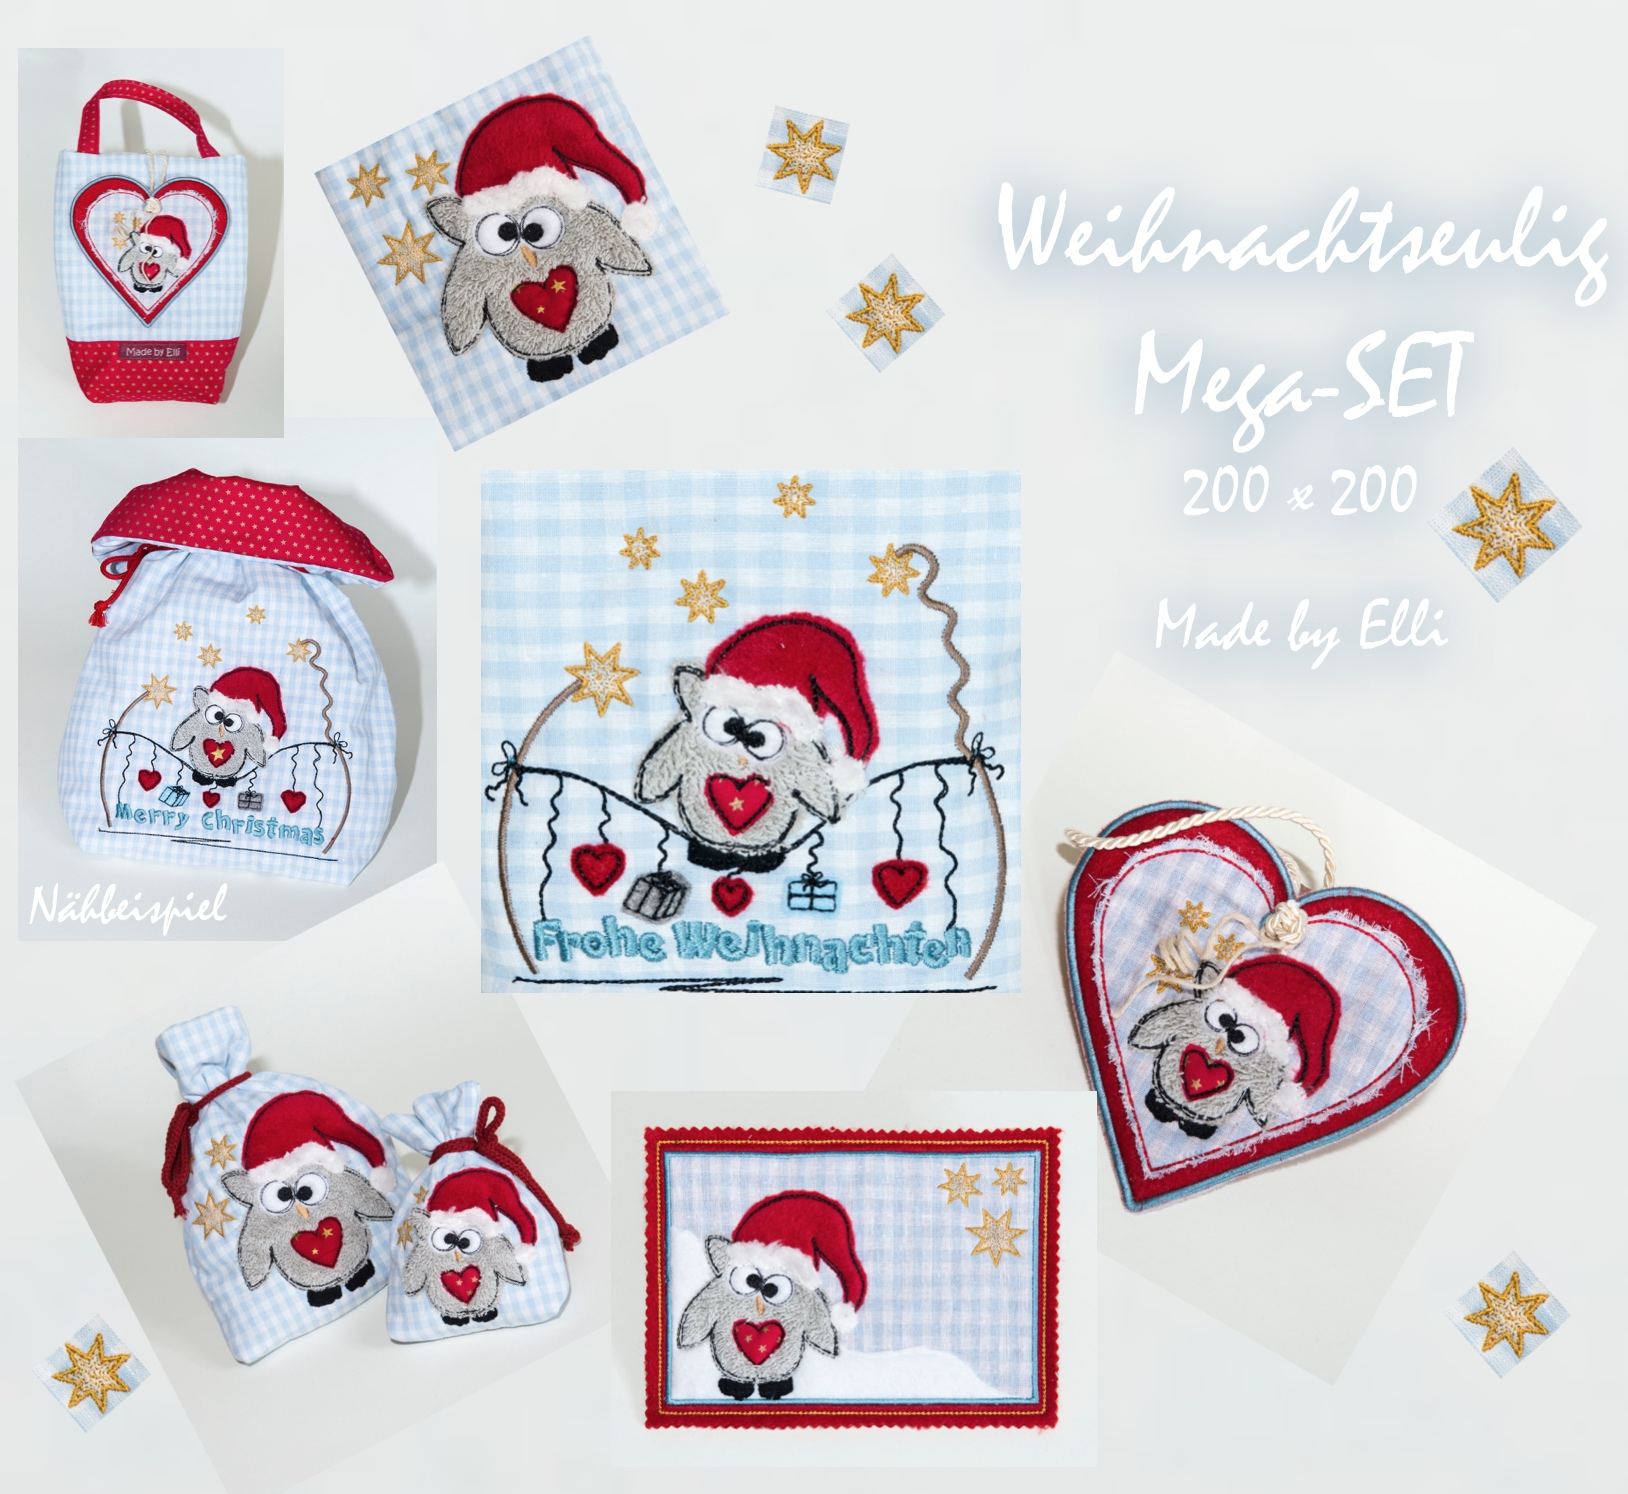 Weihnachtseulig Mega-SET20x20